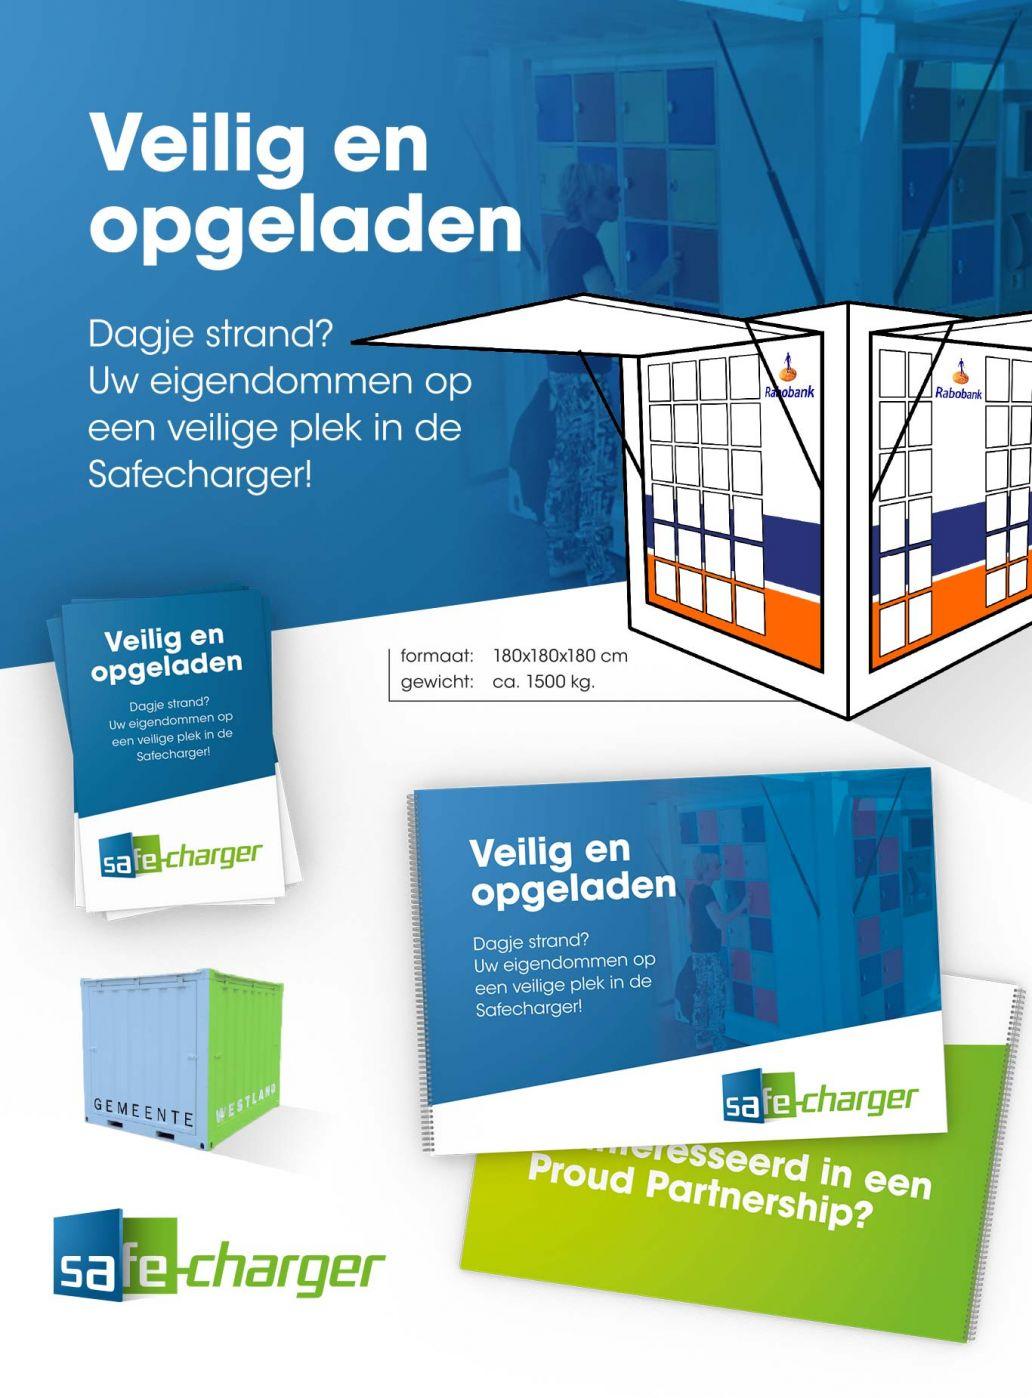 Logo ontwerp en brochure ontwerp Safecharger